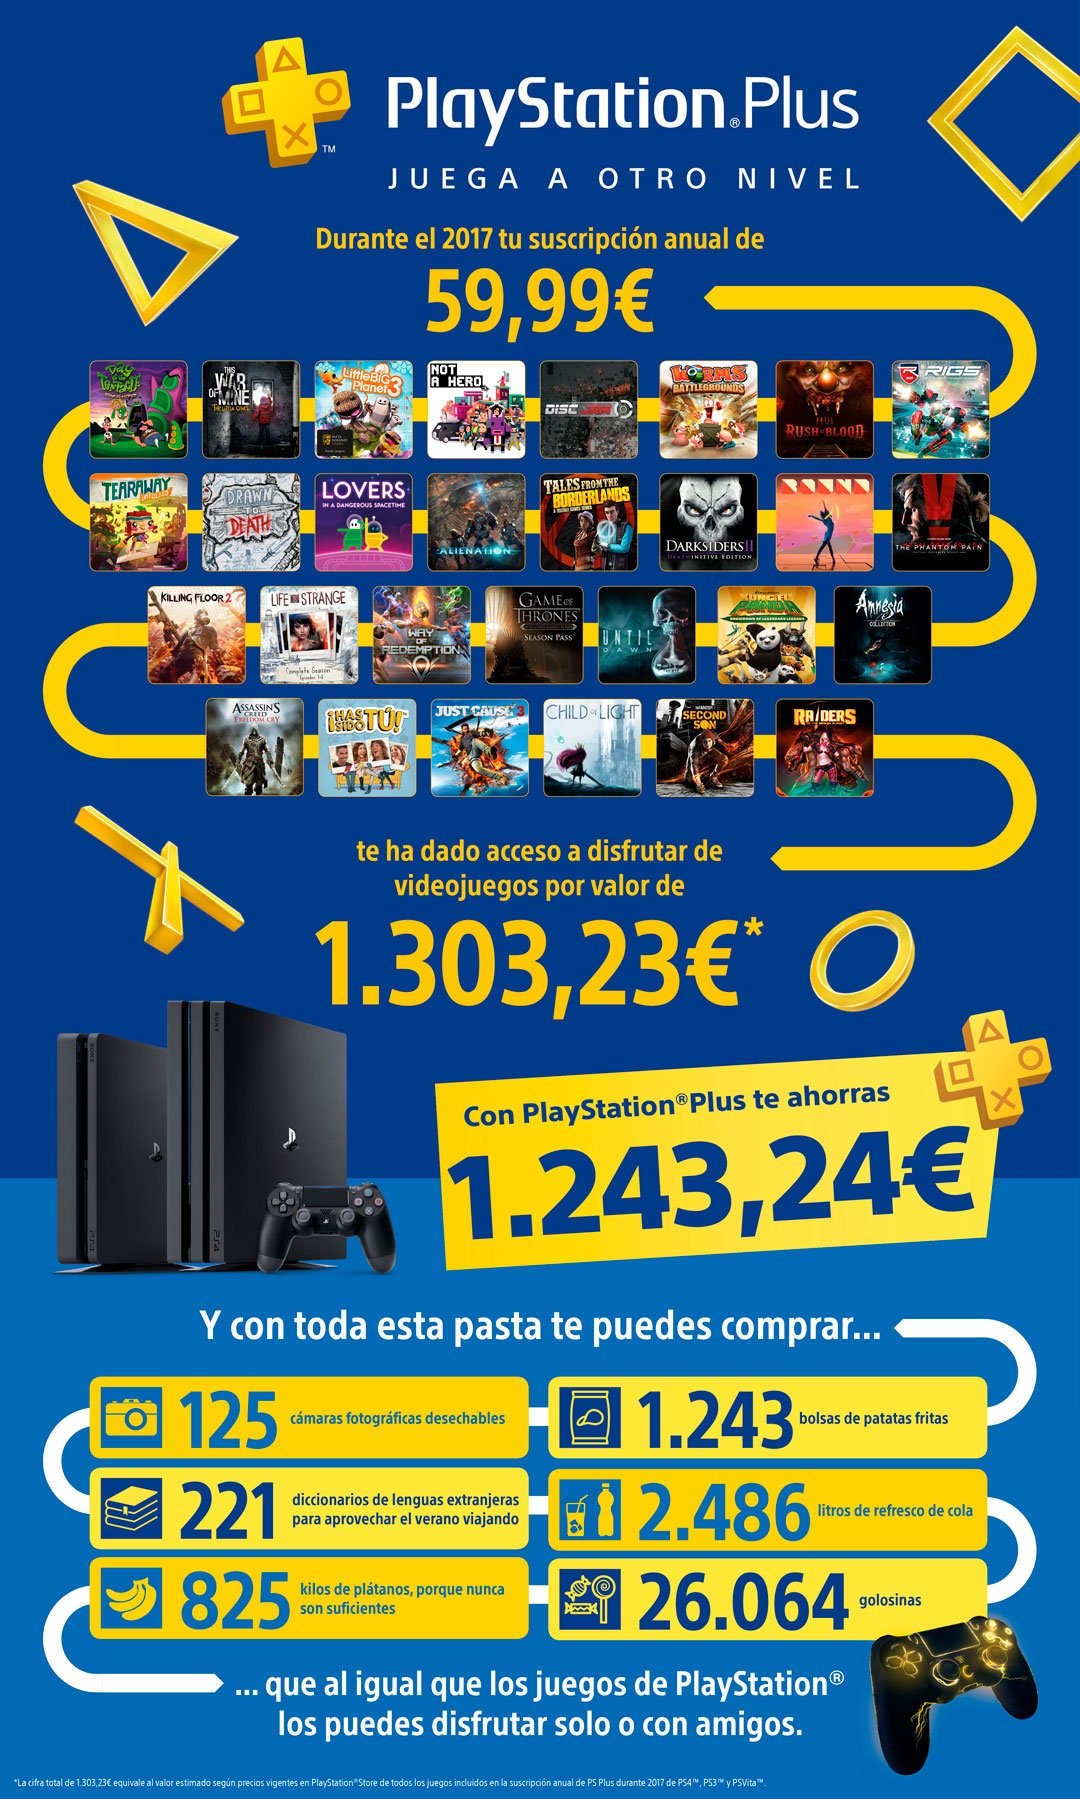 Playstation Plus Desvela El Valor Total De Los Juegos Gratis